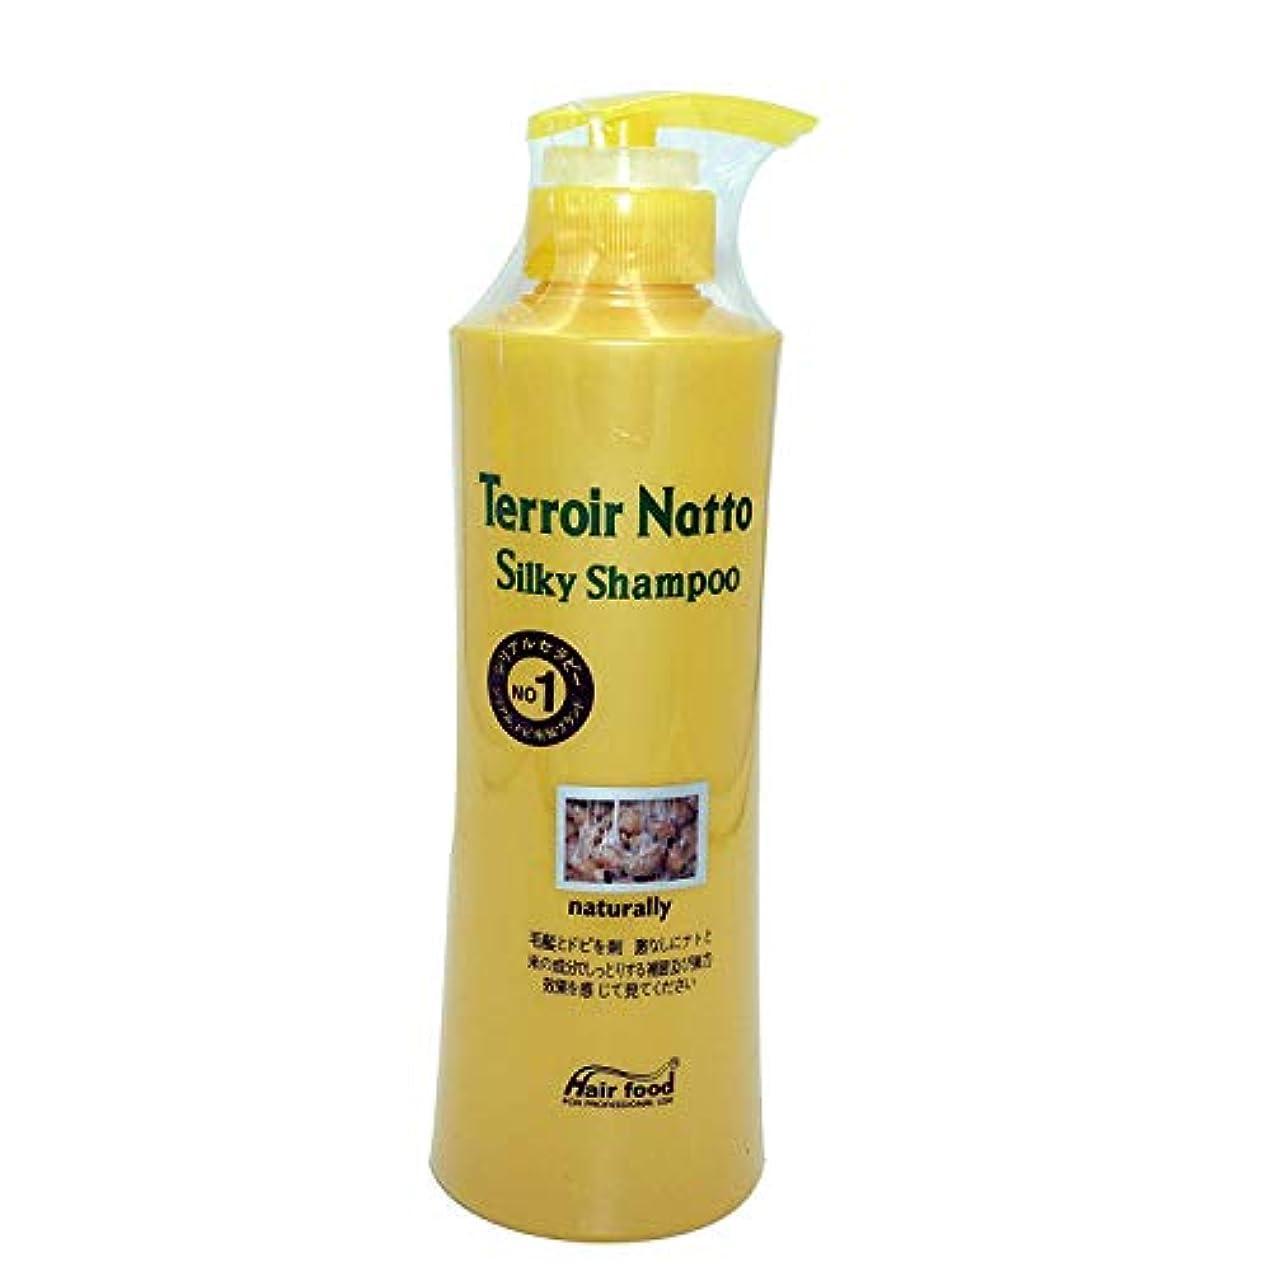 不当ウガンダ慈善Hair food テロワール納豆シルキーシャンプー500ml、乾燥薄毛とセンシティブな頭皮用 - ビタミンタンパクによる弾力ヘア (Terroir Natto Silky Shampoo 500ml for Dry Thin...